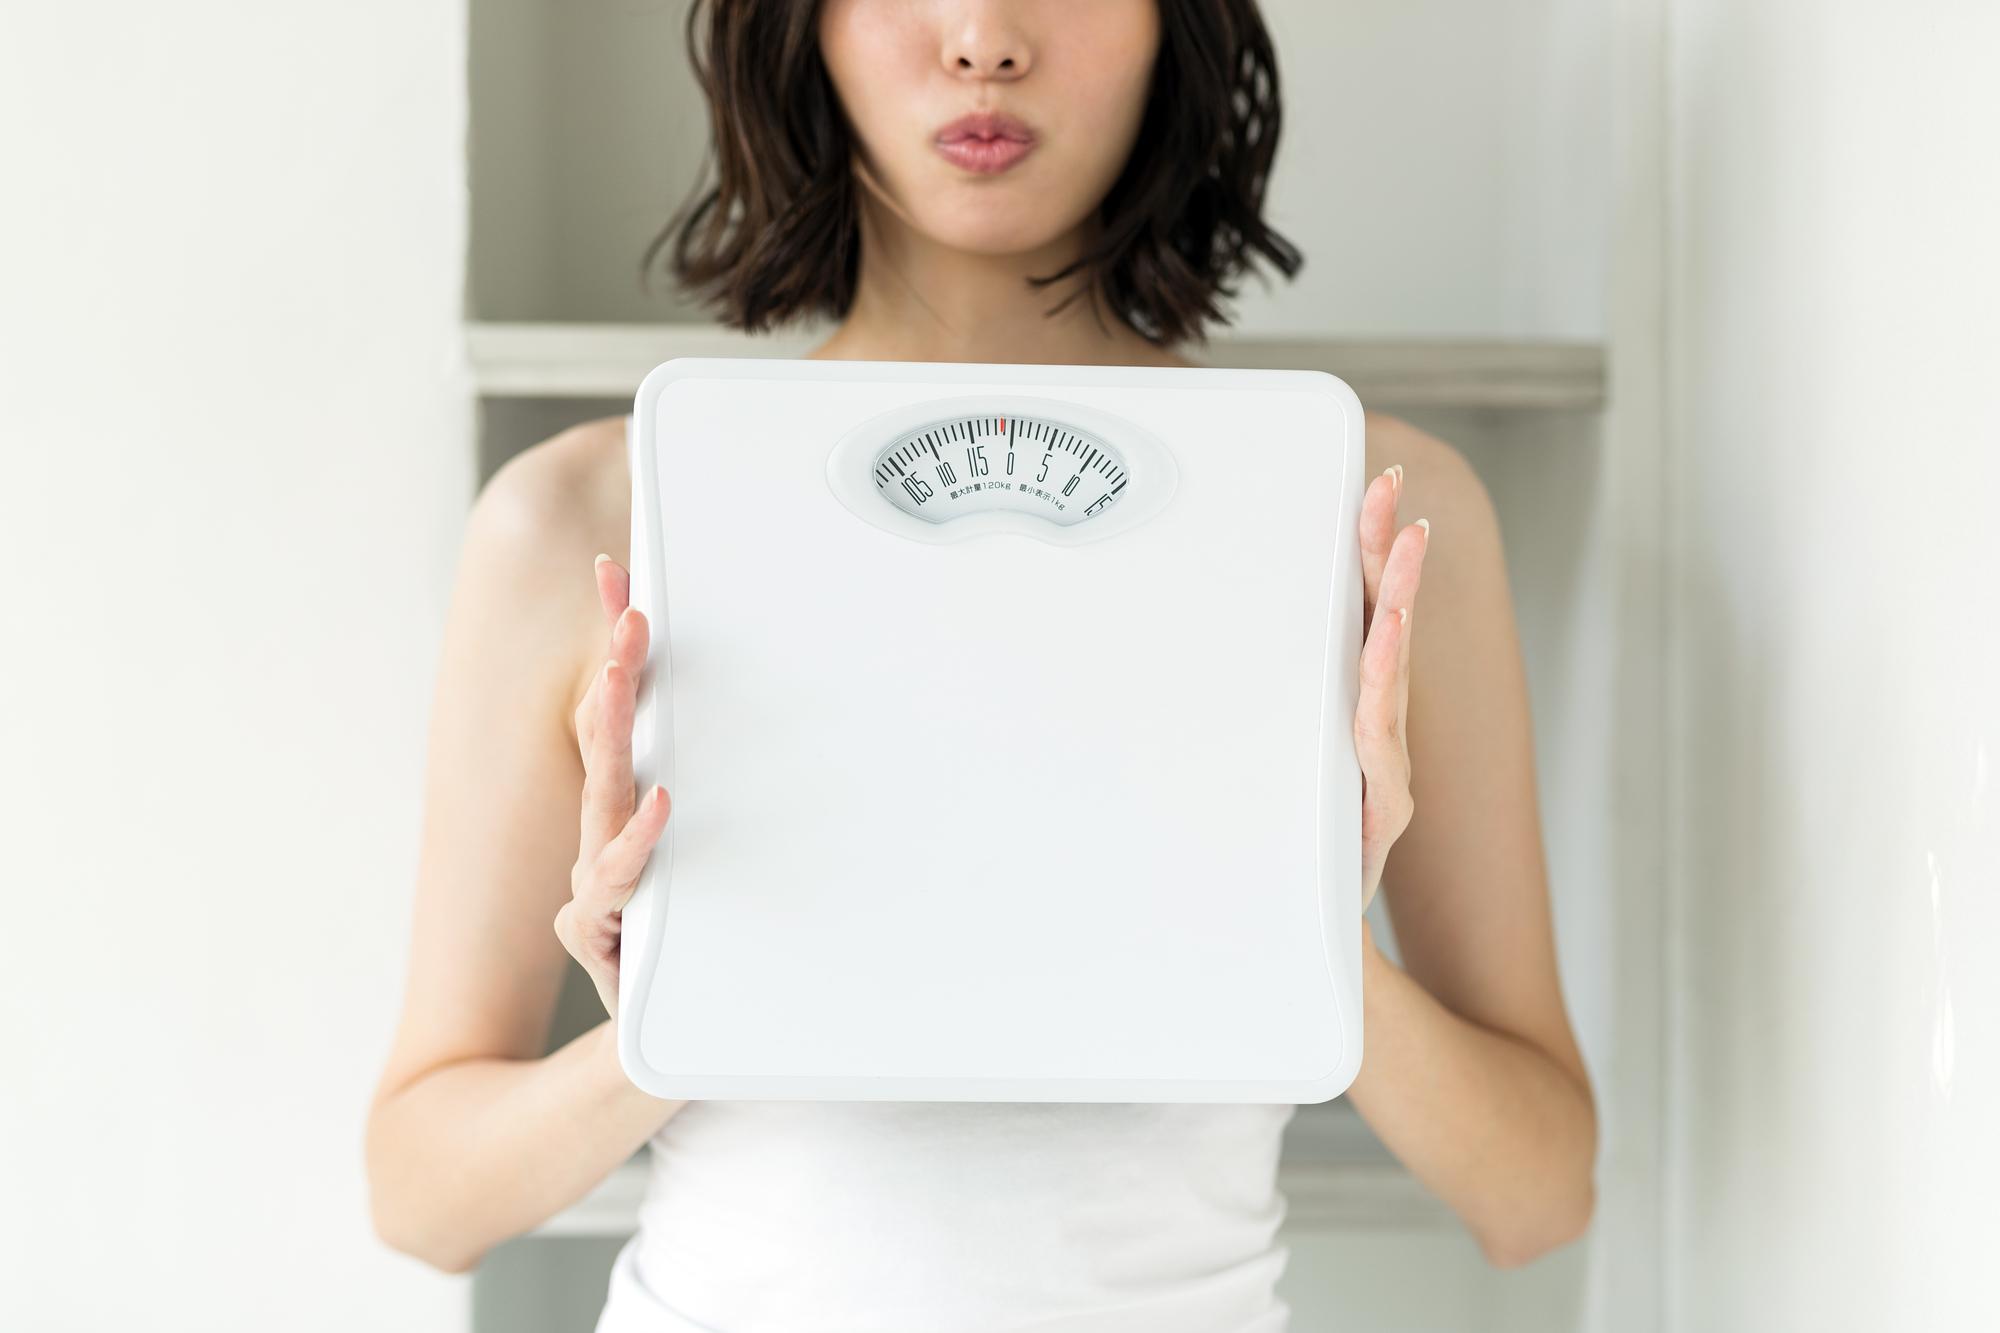 ただ太るだけはNG!健康的に体重を増やすならカシューナッツ|理由や食べ方を解説